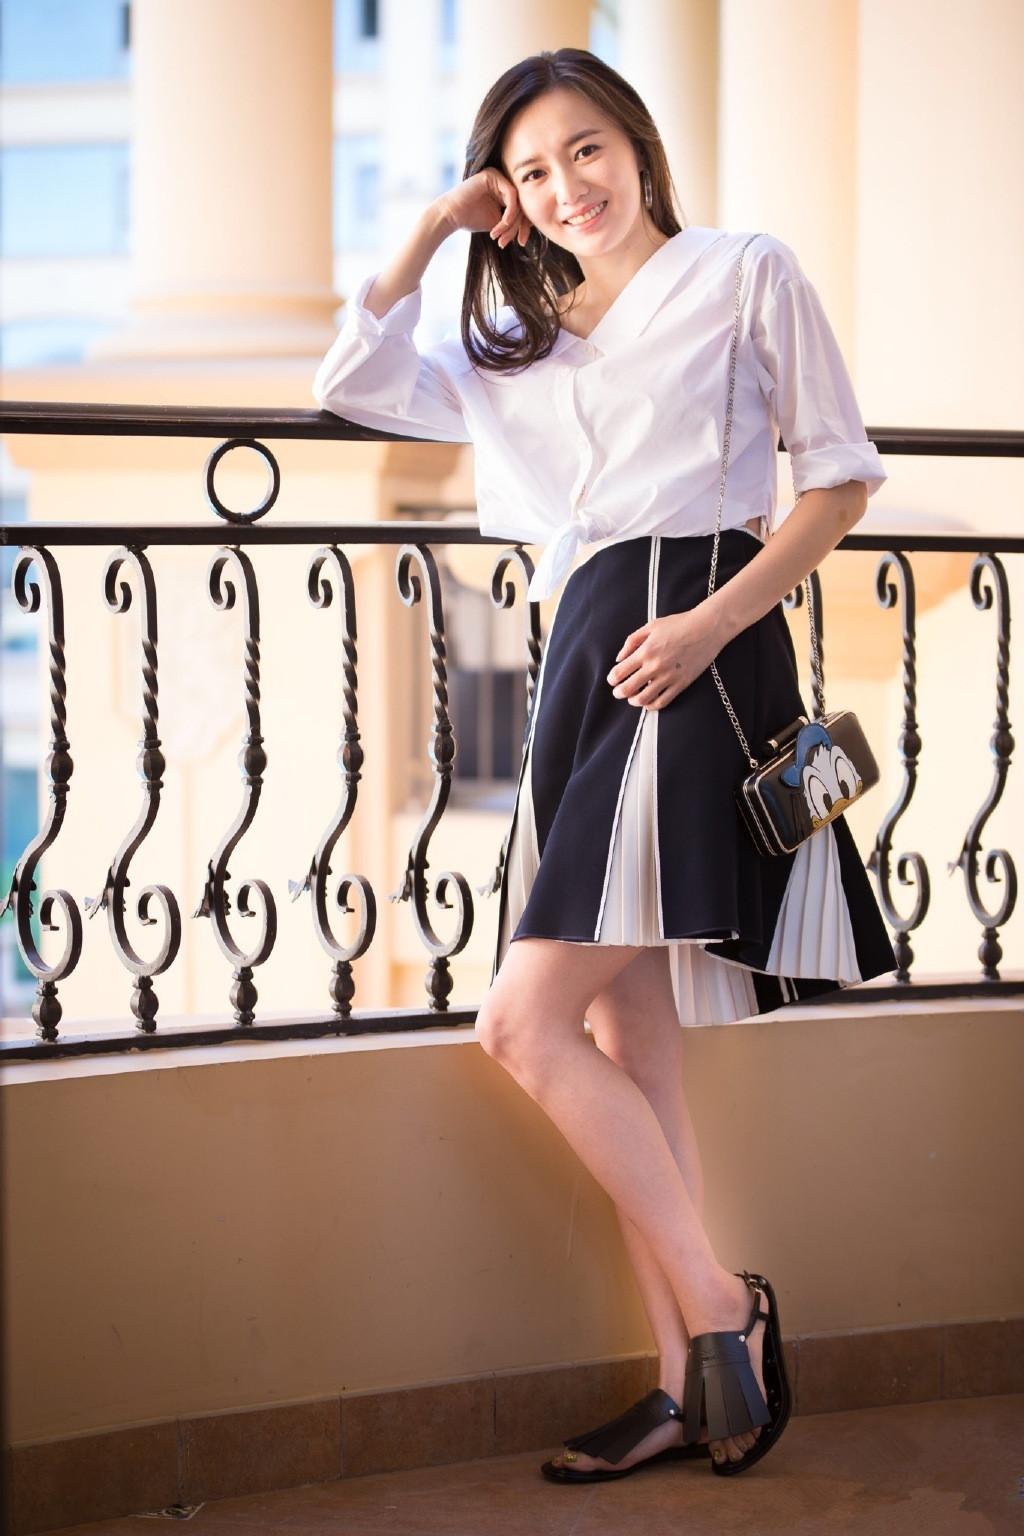 30岁江铠同越穿越时尚,露肩上衣配牛仔裤显身材,气质好迷人 v118.com